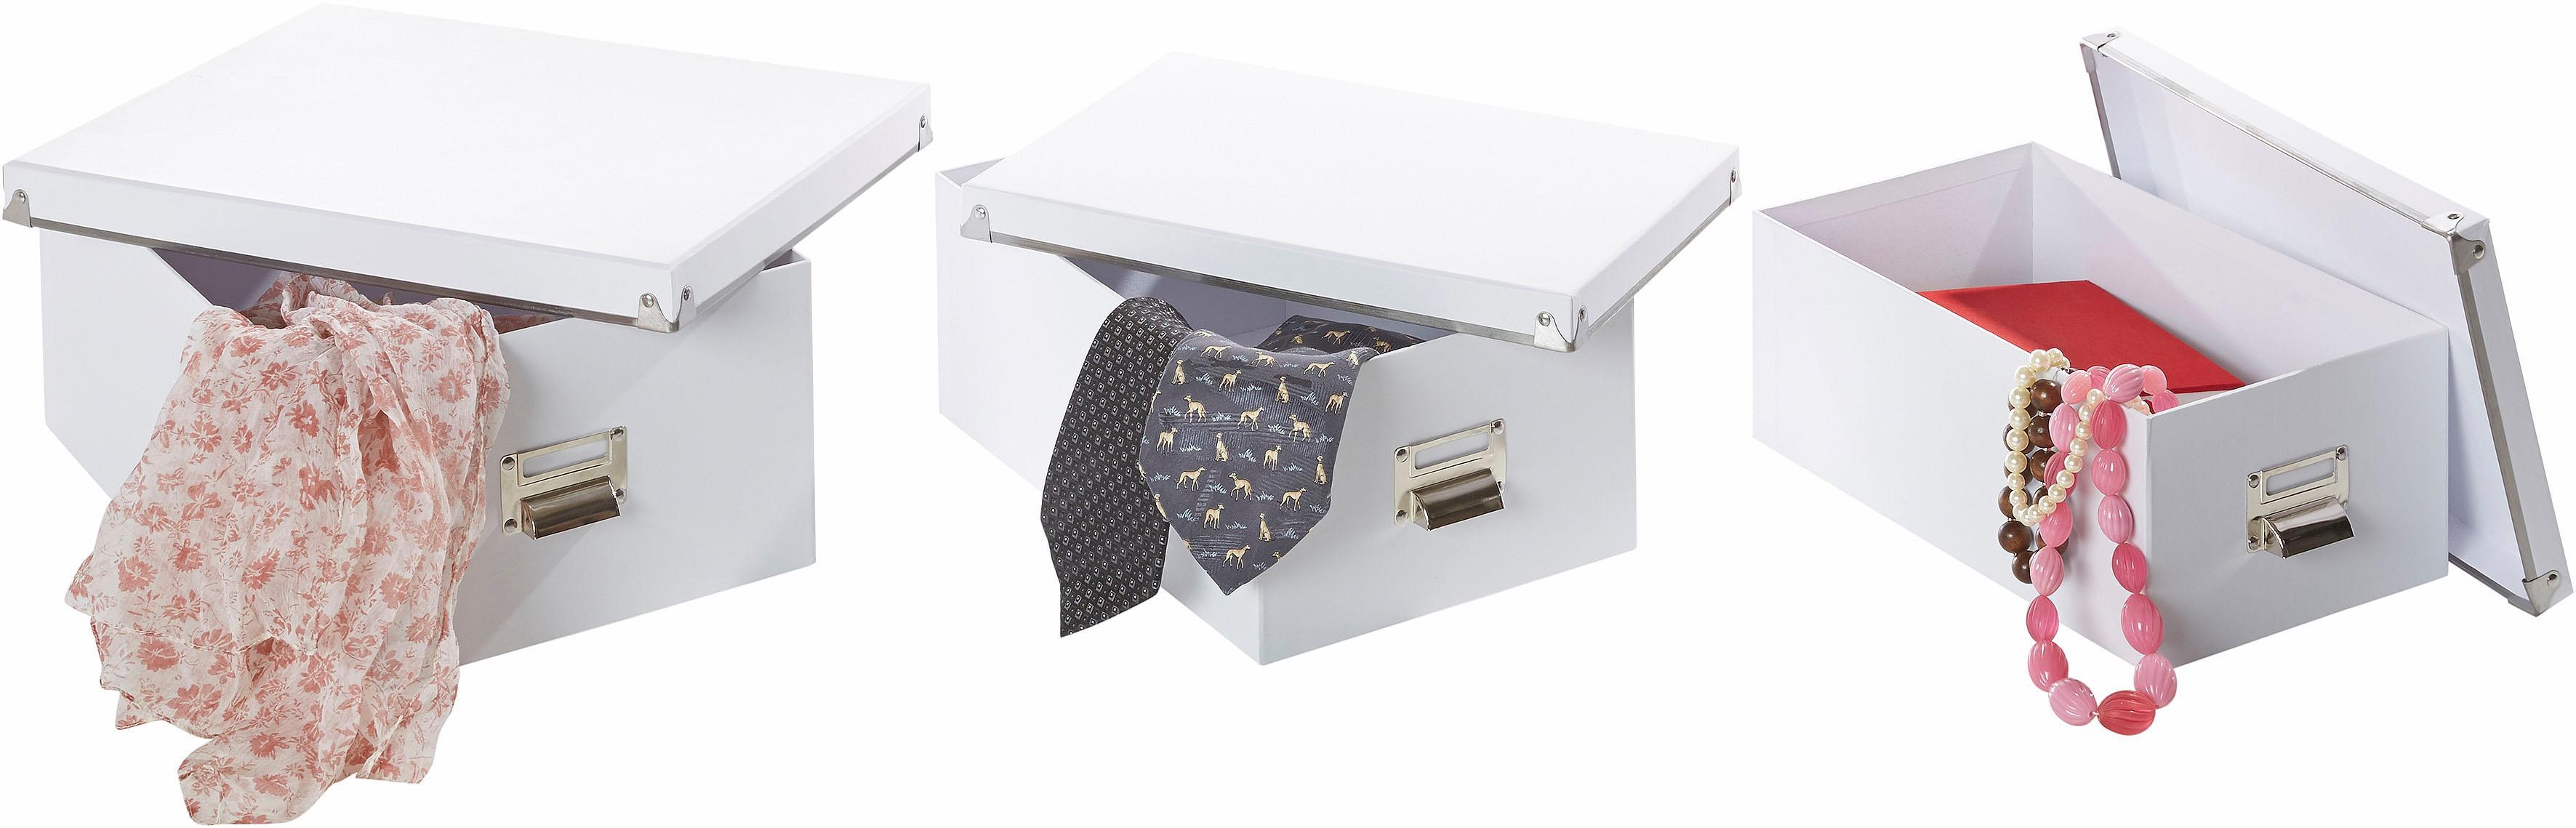 Zeller Present Aufbewahrungsbox, (5-tlg.) weiß Kleideraufbewahrung Aufbewahrung Ordnung Wohnaccessoires Aufbewahrungsbox